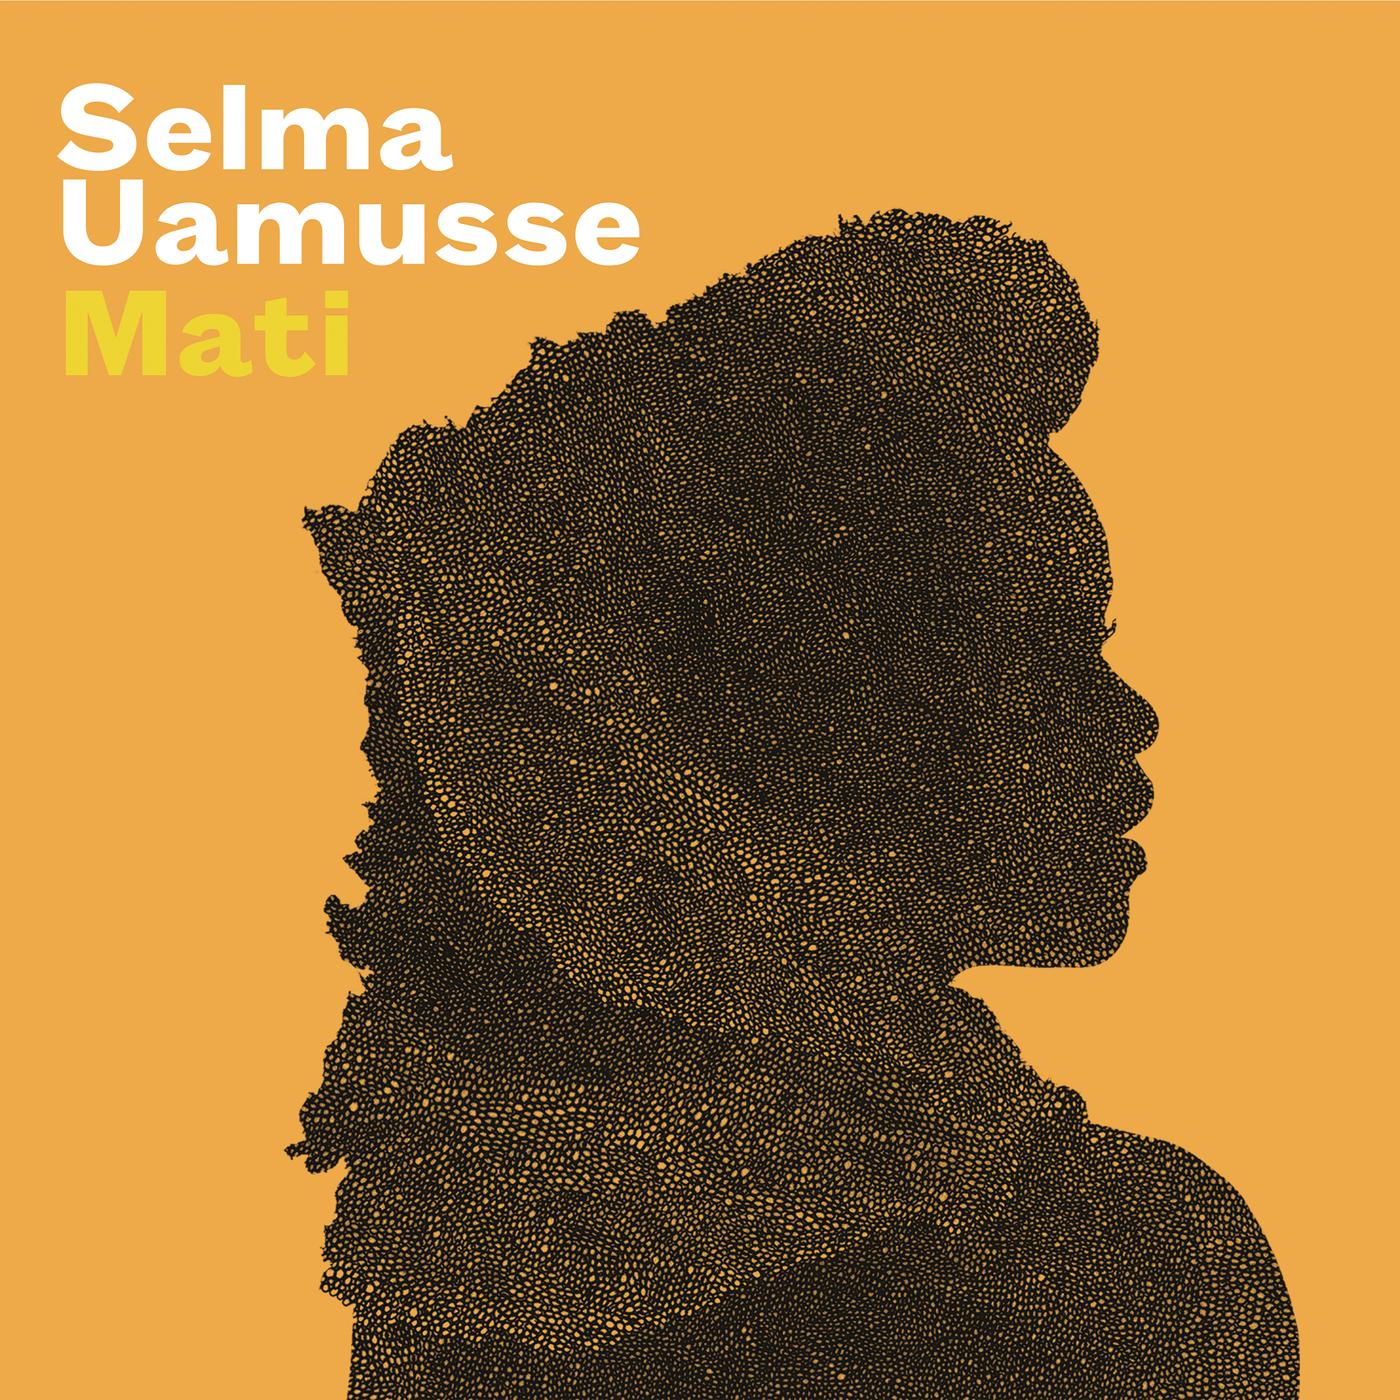 Mati - Selma Uamusse